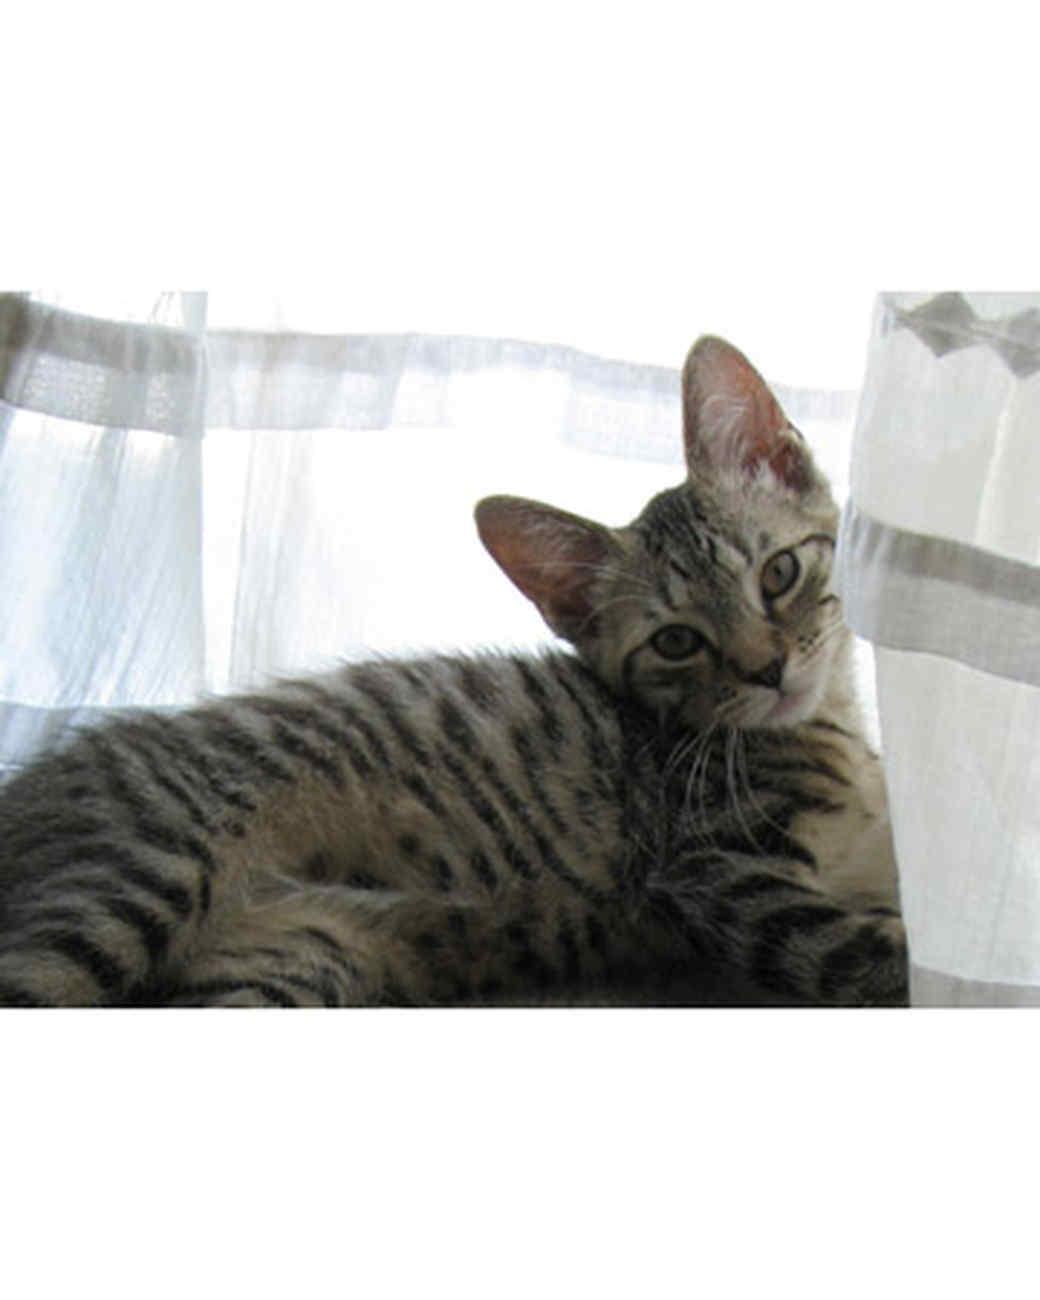 pets_kittens_0610_9673846_11063019.jpg